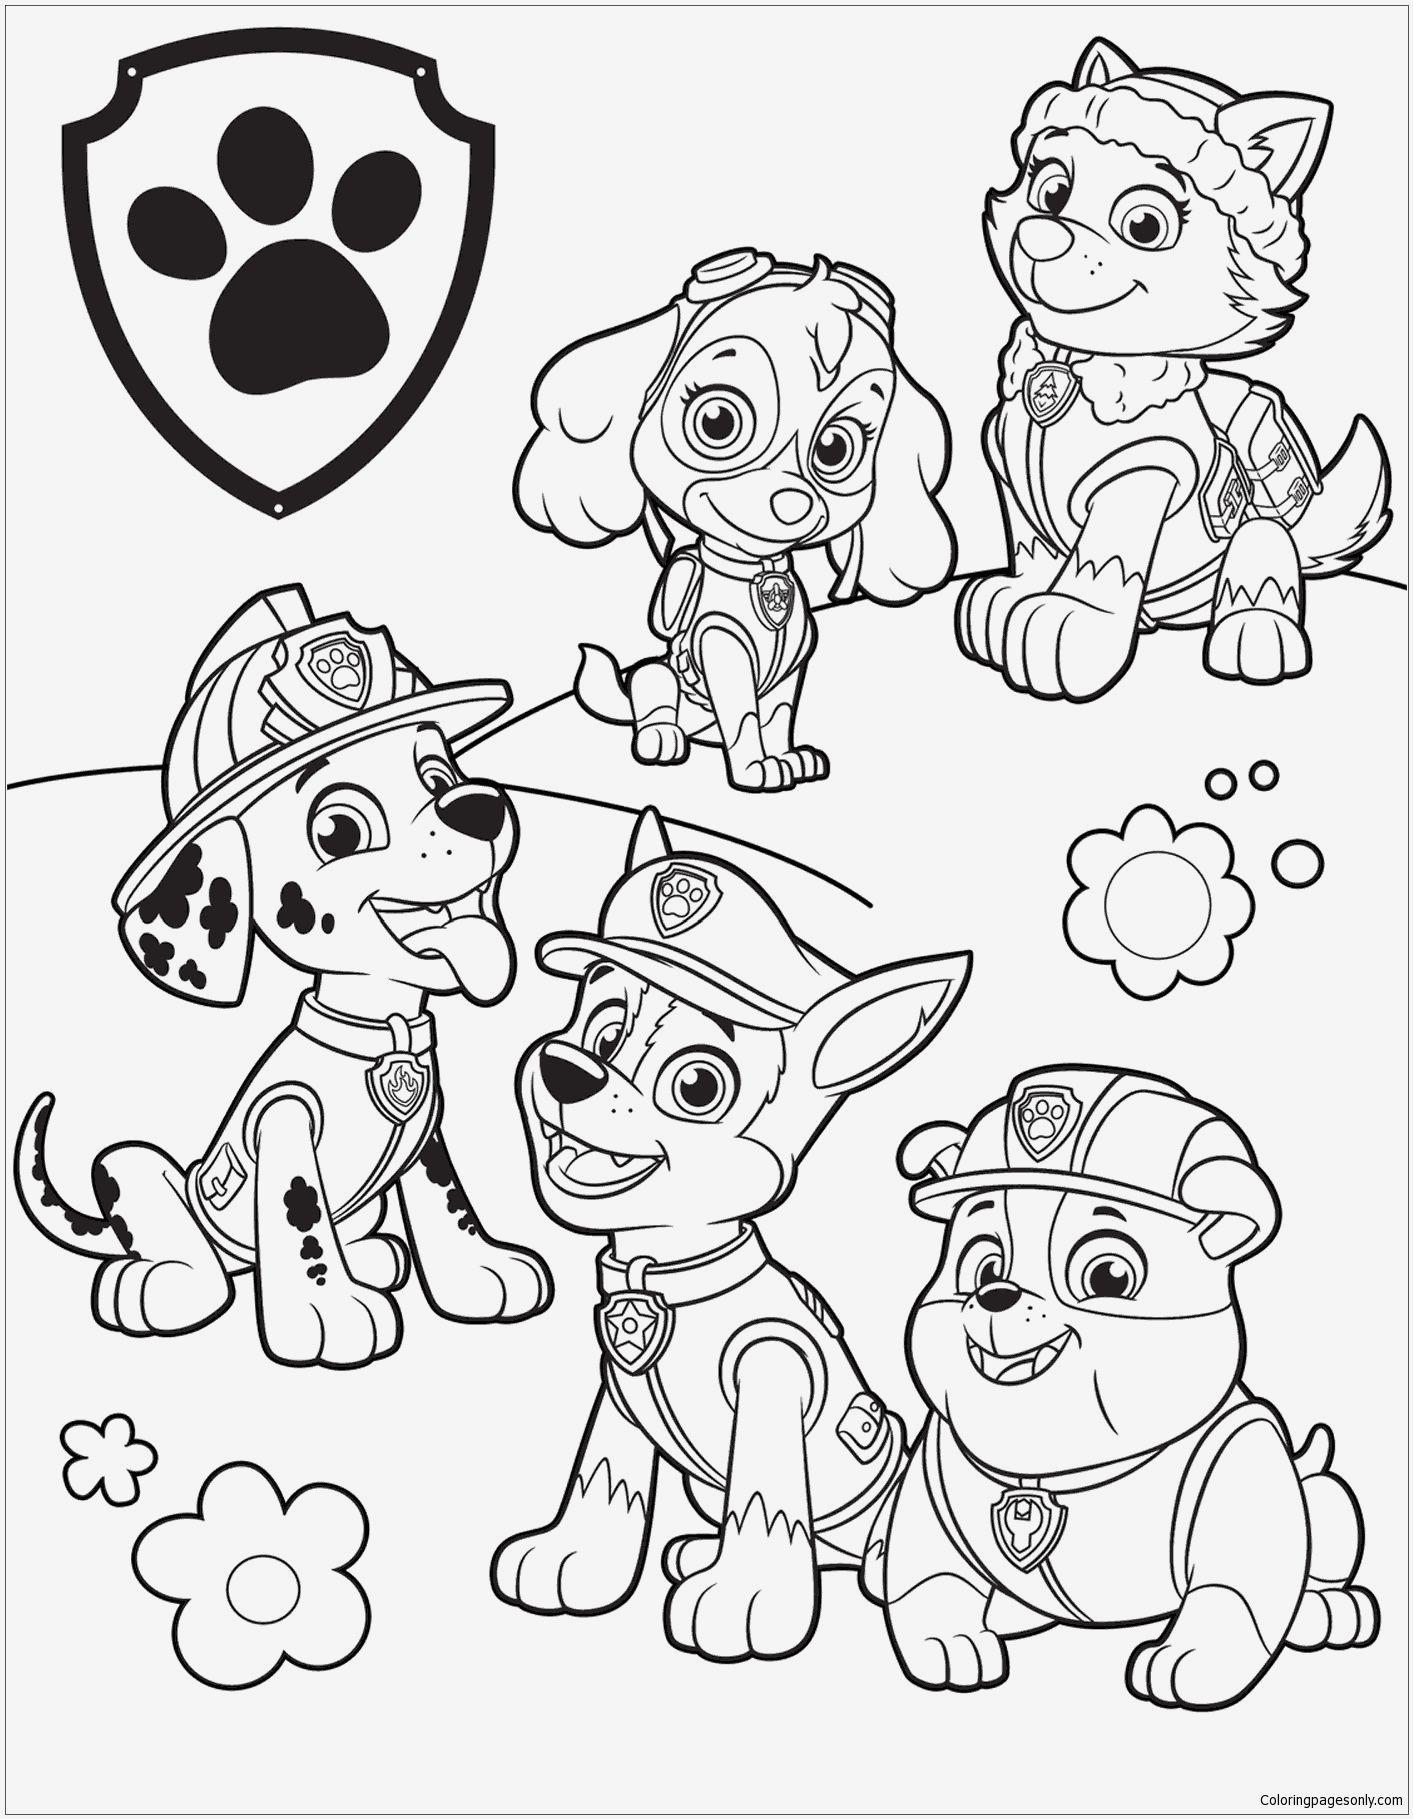 Paw Patrol Ausmalbilder Sky Genial 13 Marshall Paw Patrol Coloring Page Neu Paw Patrol Ausmalbilder Sky Galerie